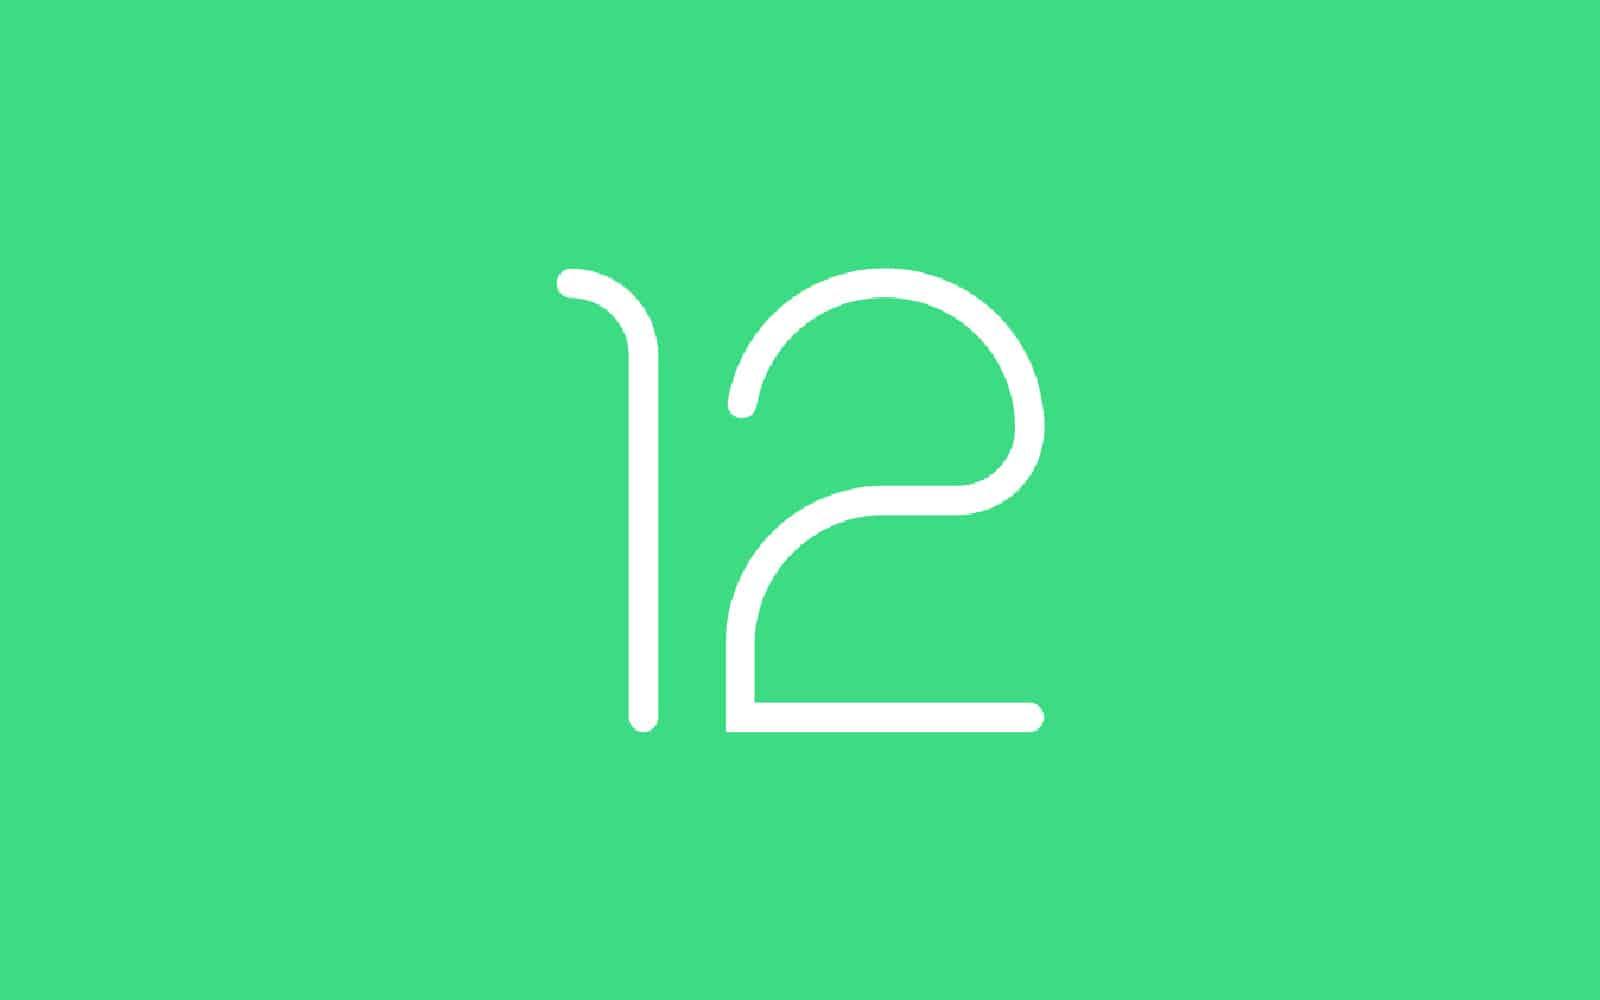 android 12 yayınlandı